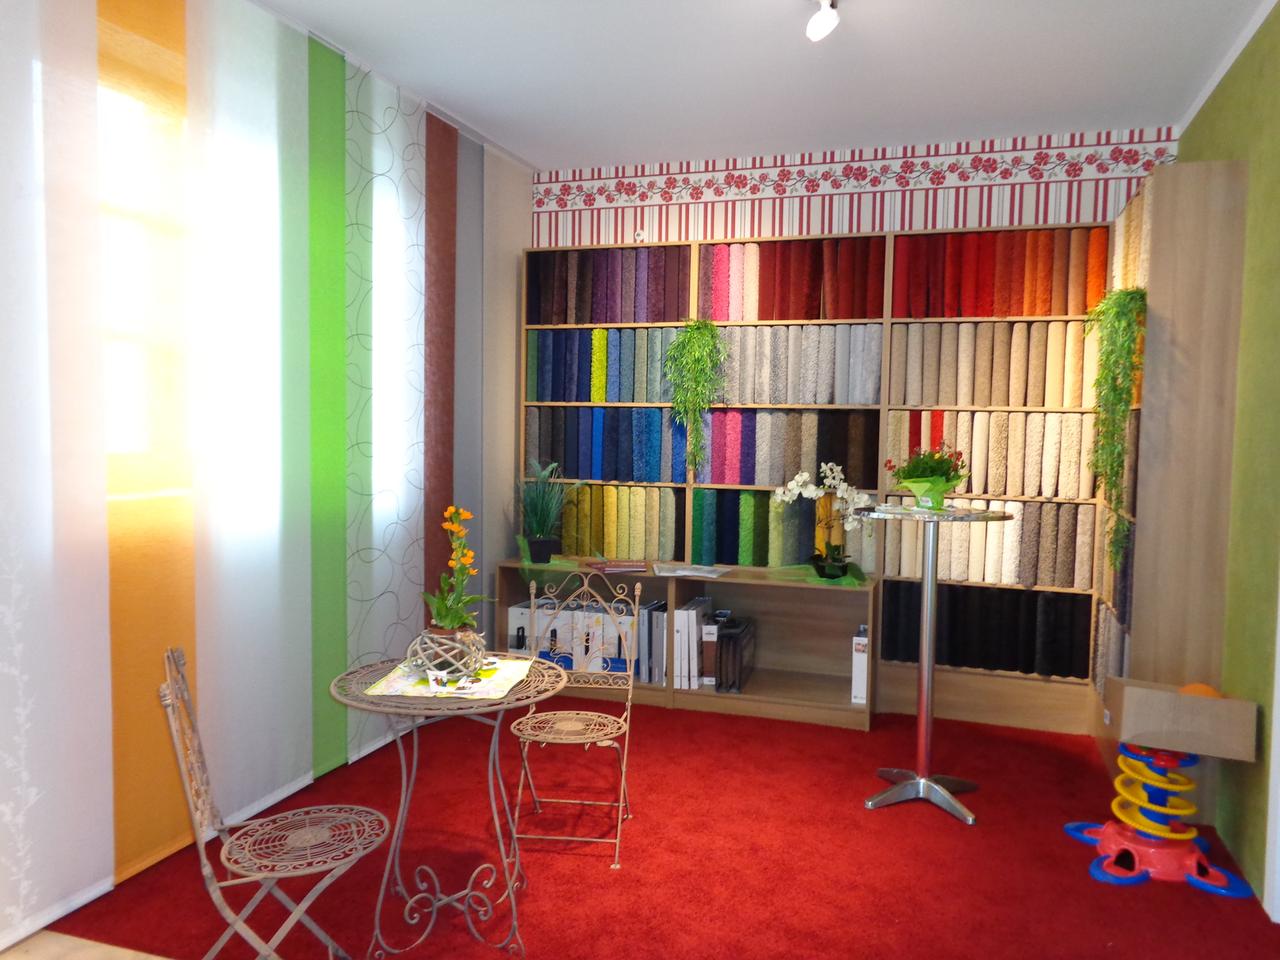 Ausstellung - Utz Design GmbH